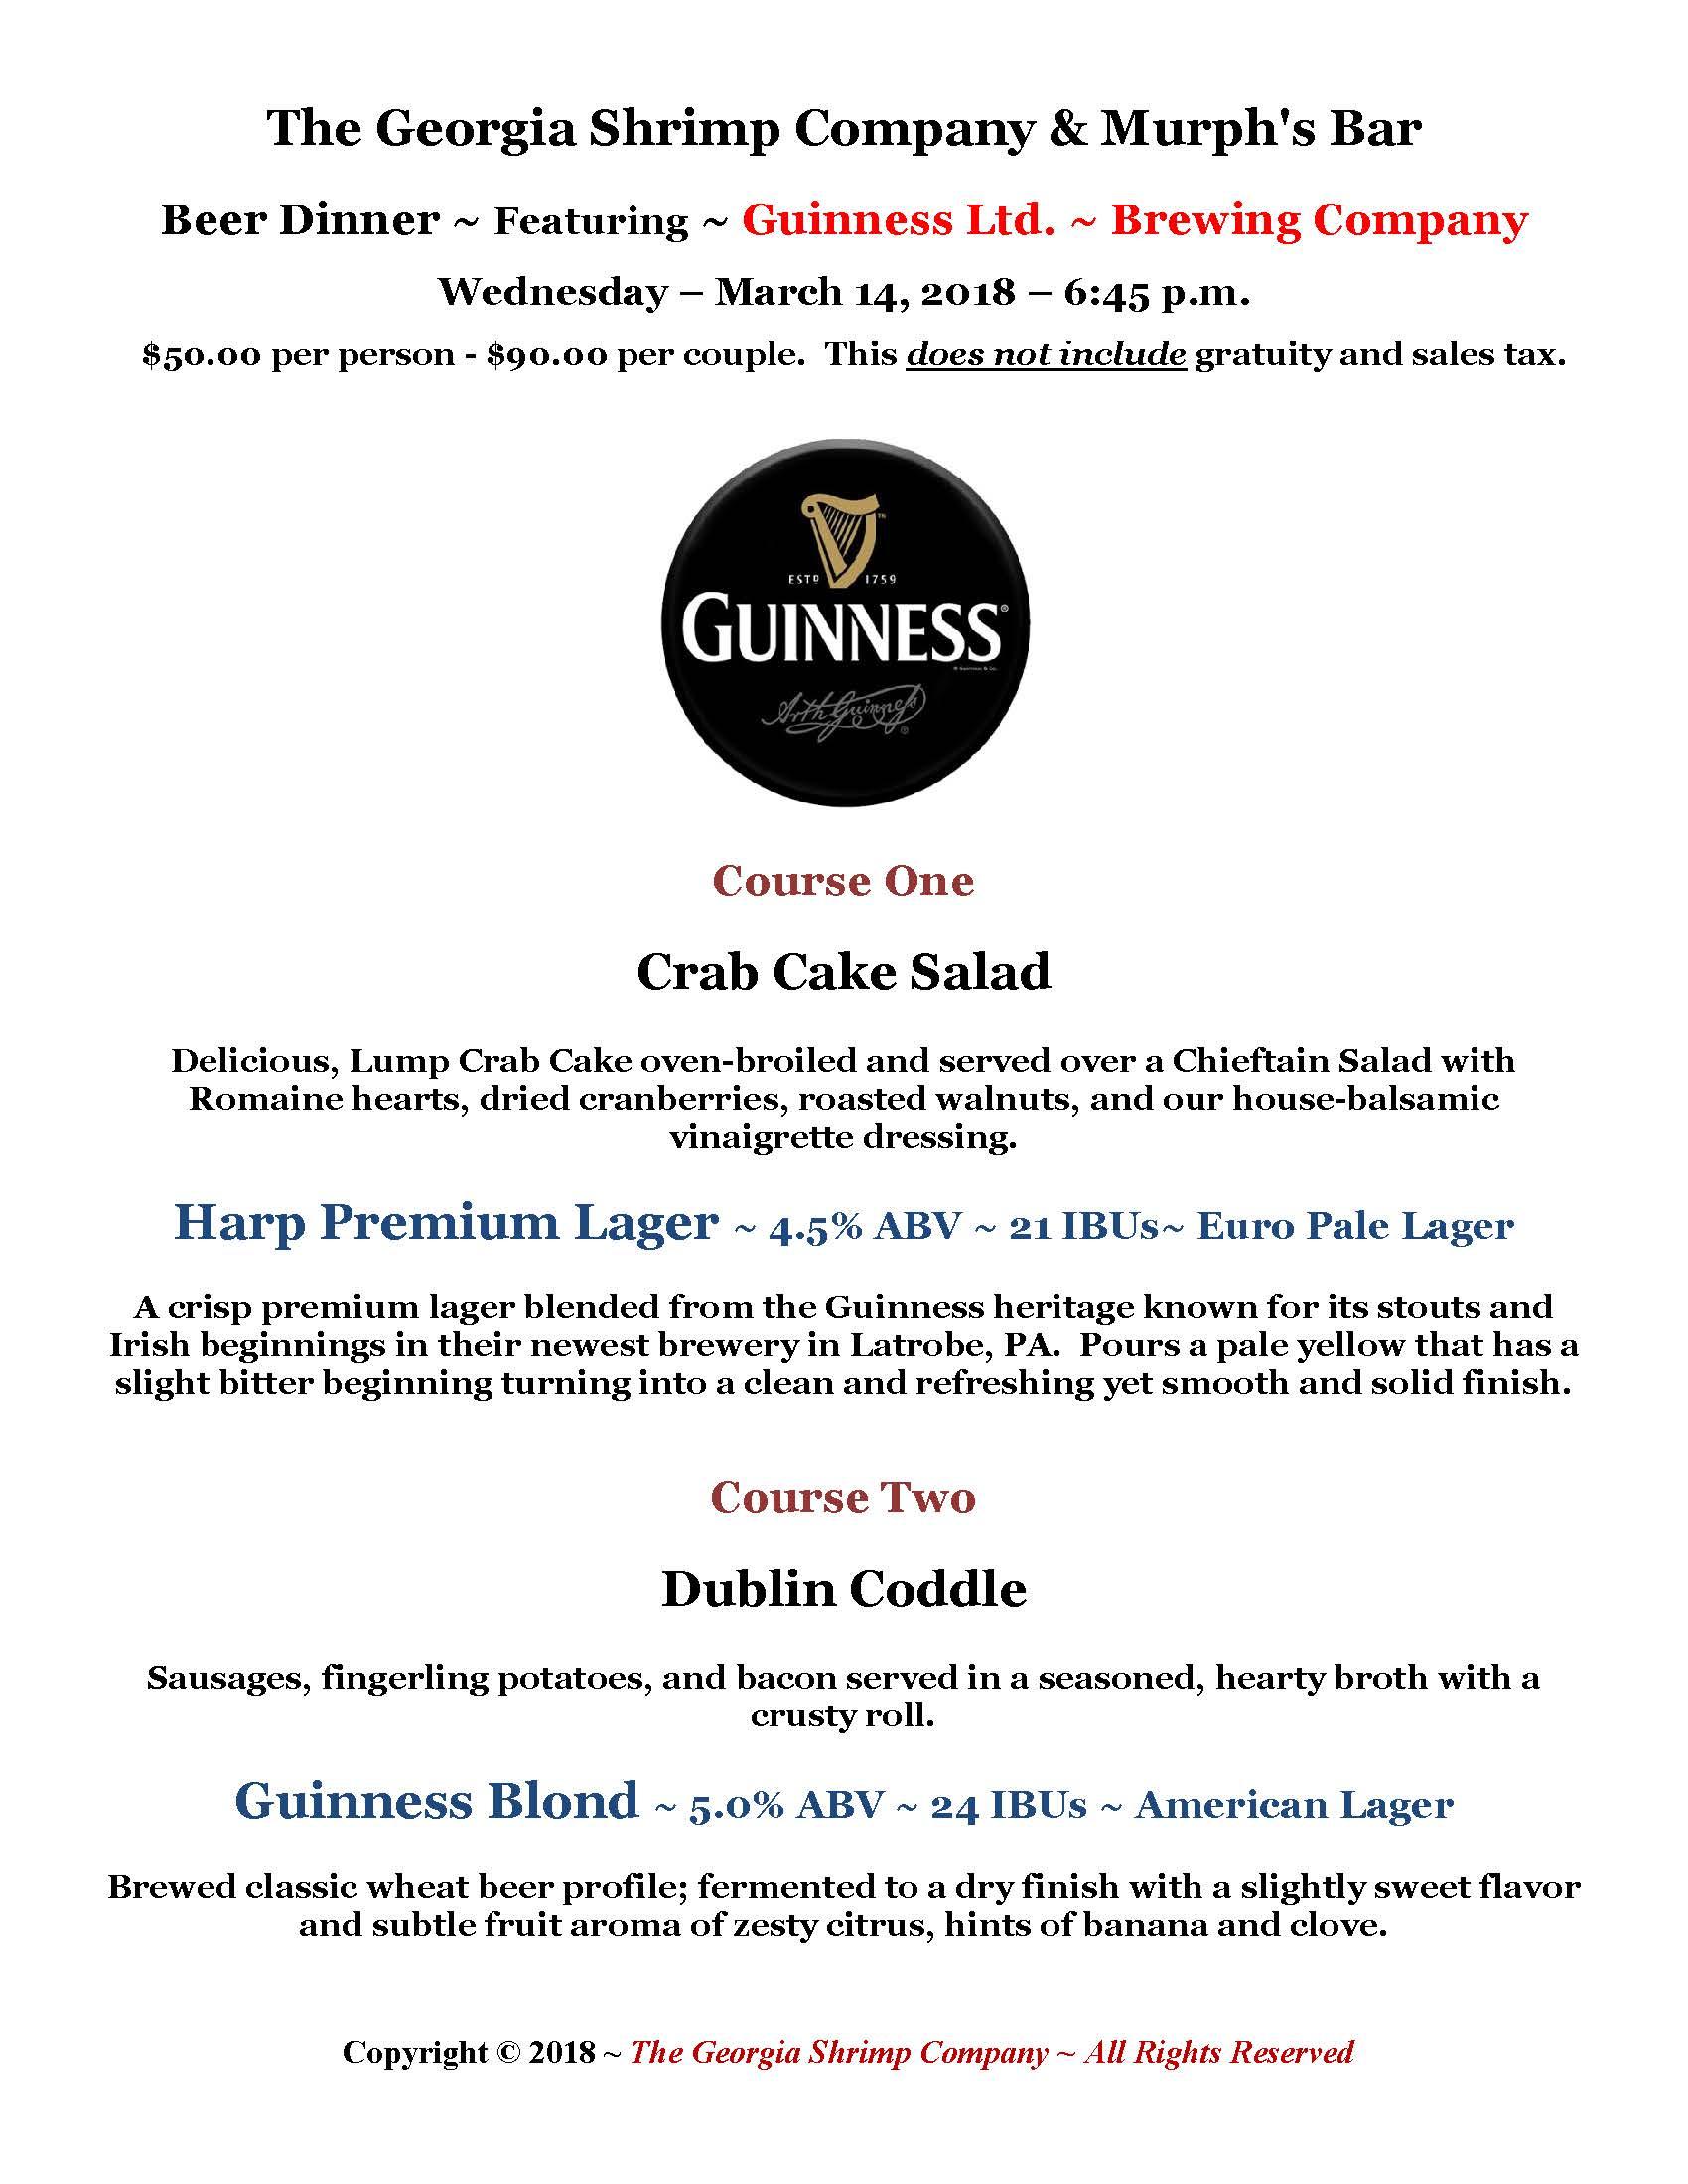 GAS+March Beer Dinner Menu Pairings   Beer Descriptions-030118-Final+_Page_1.jpg